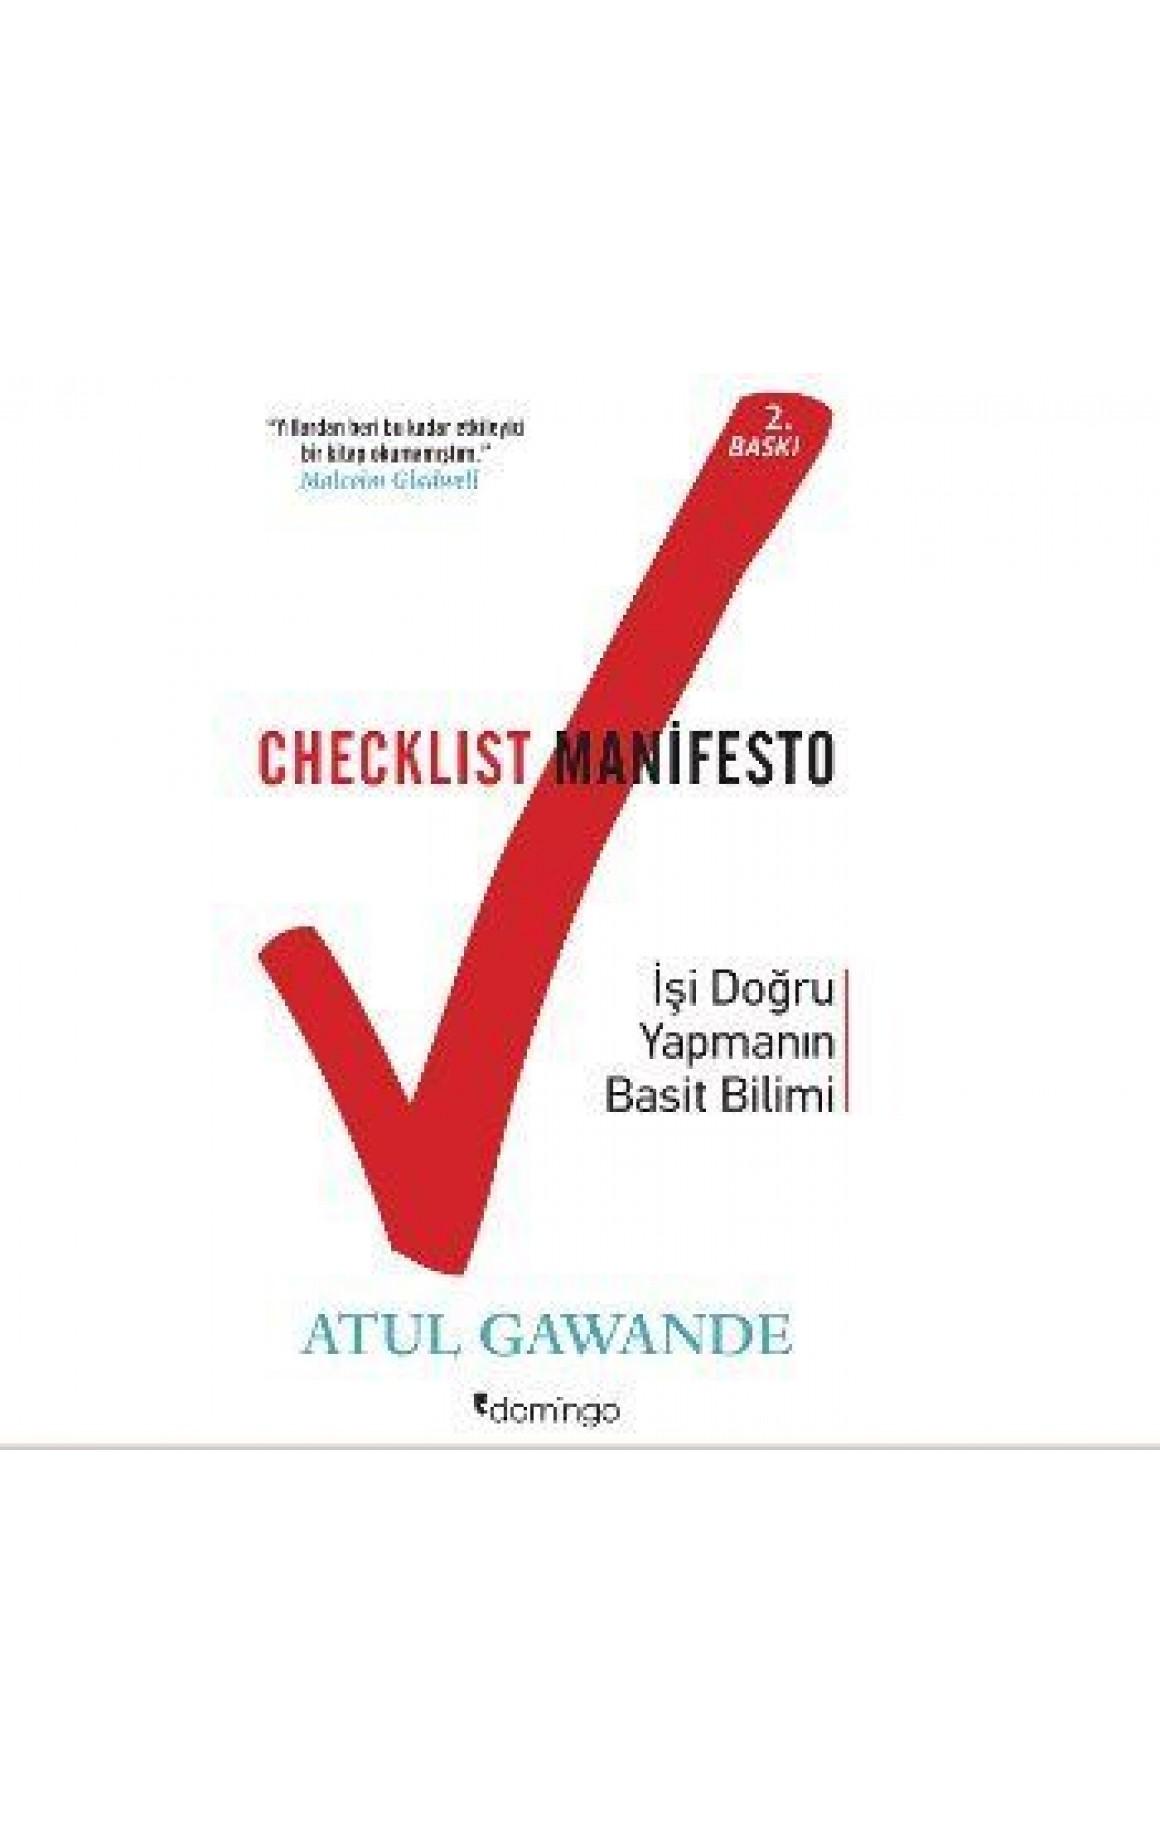 Checklist Manifesto-İşi Doğru Yapma